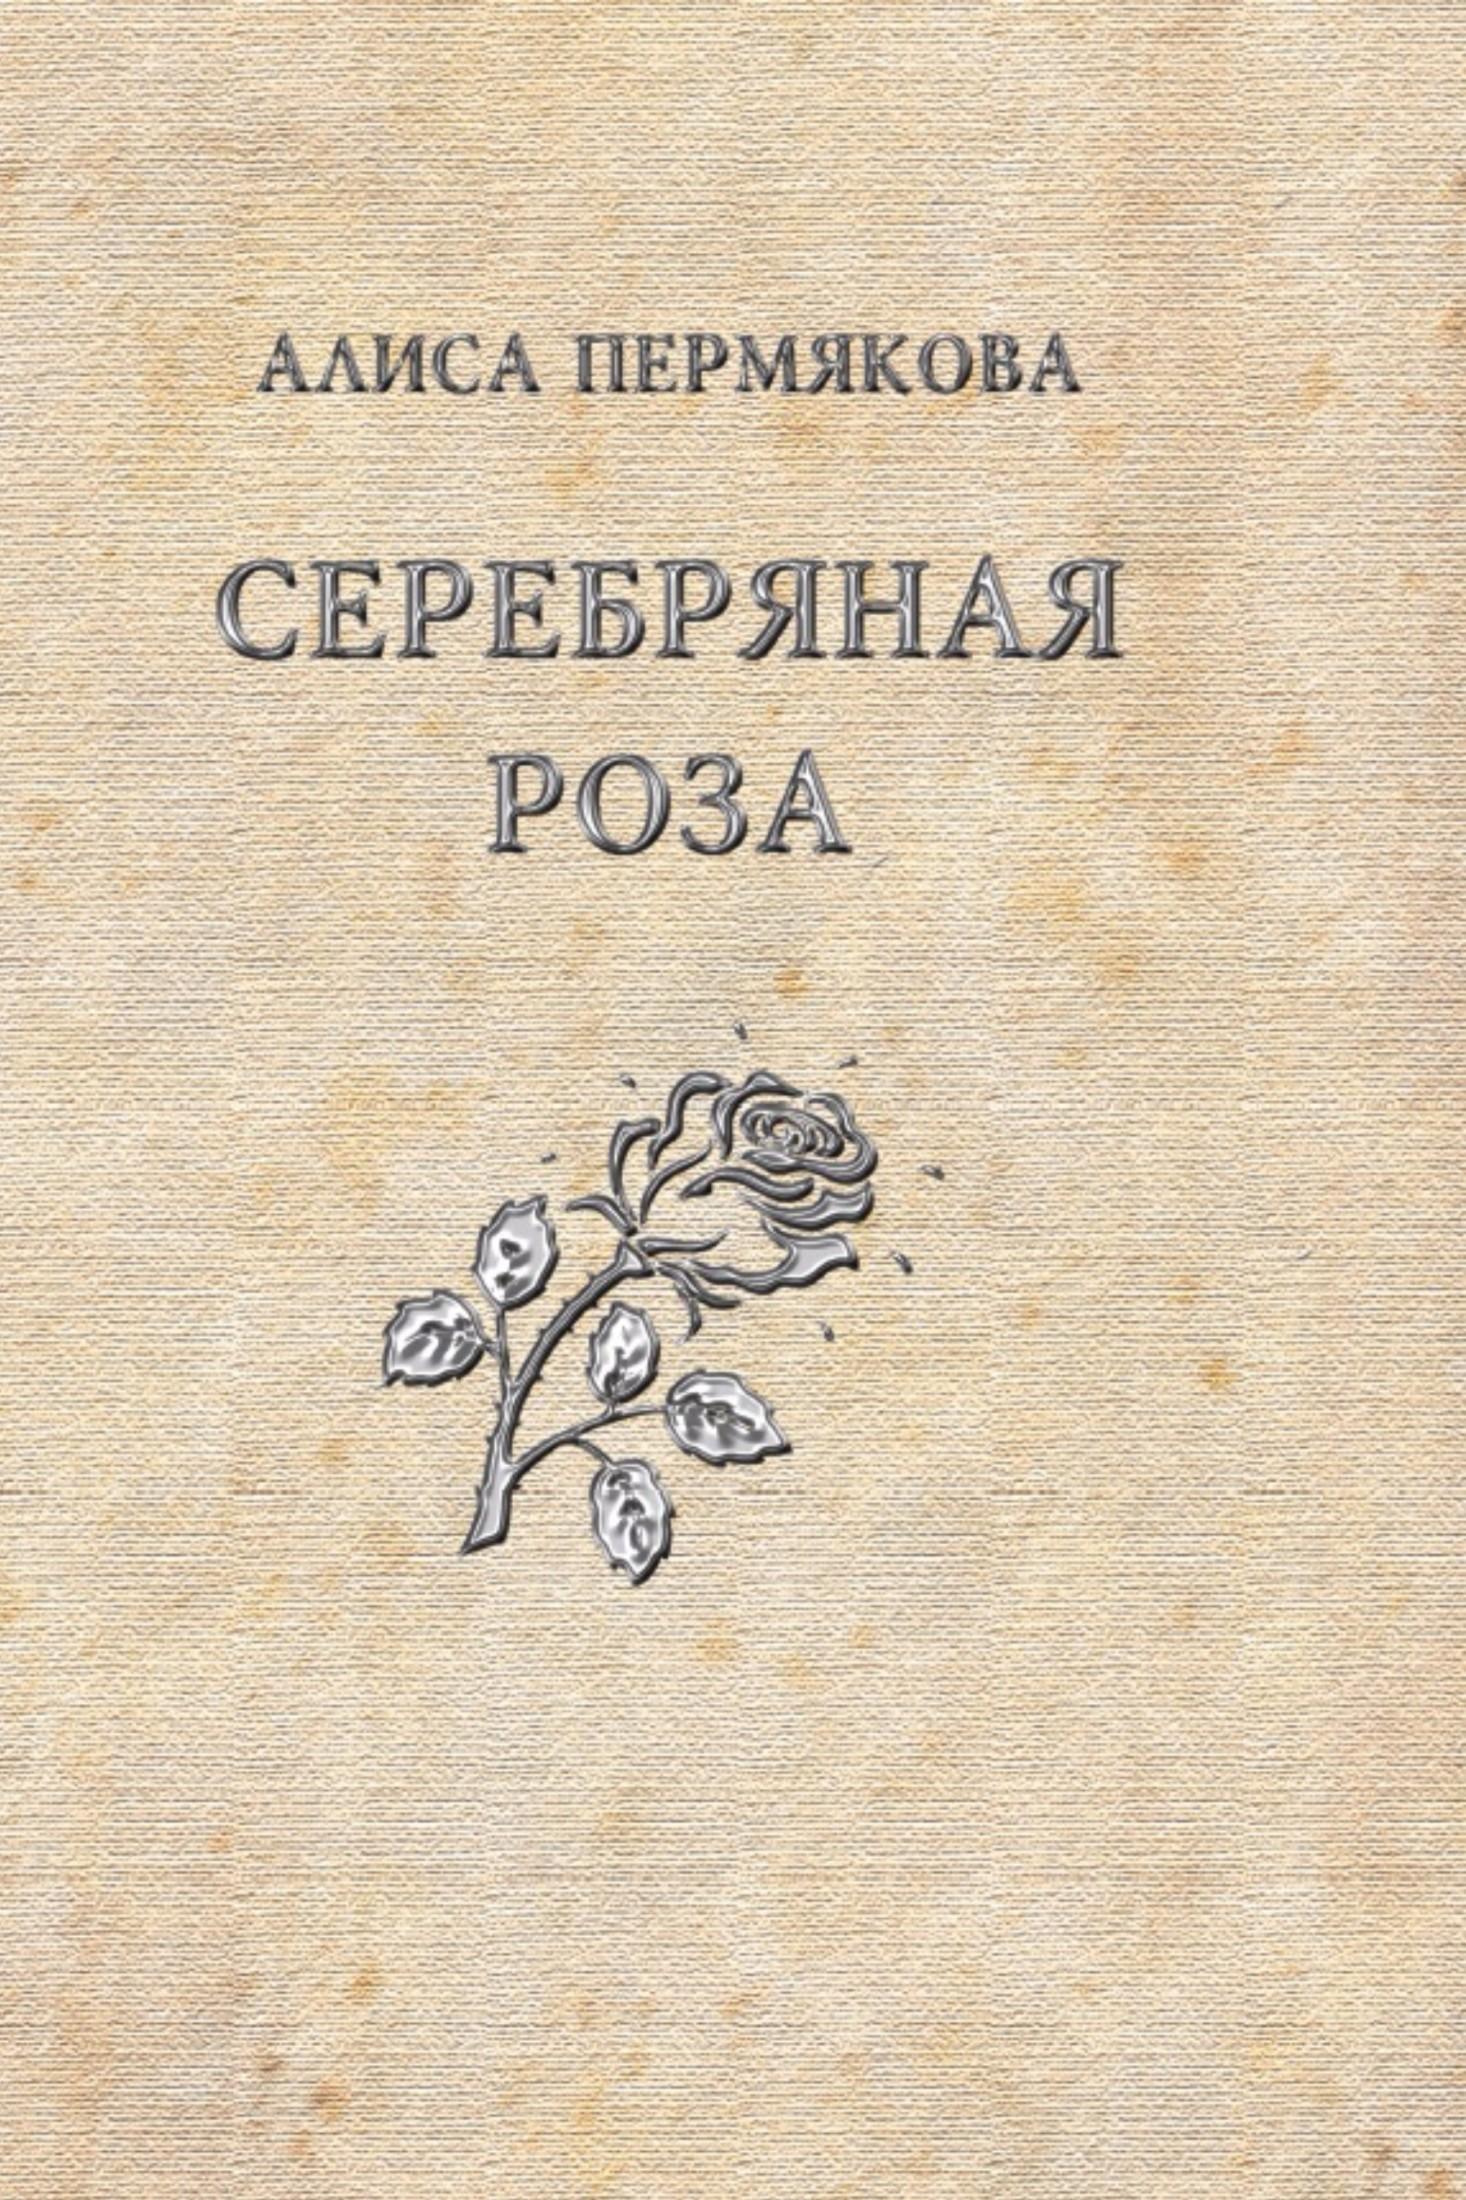 Алиса Пермякова. Серебряная Роза. Сборник рассказов